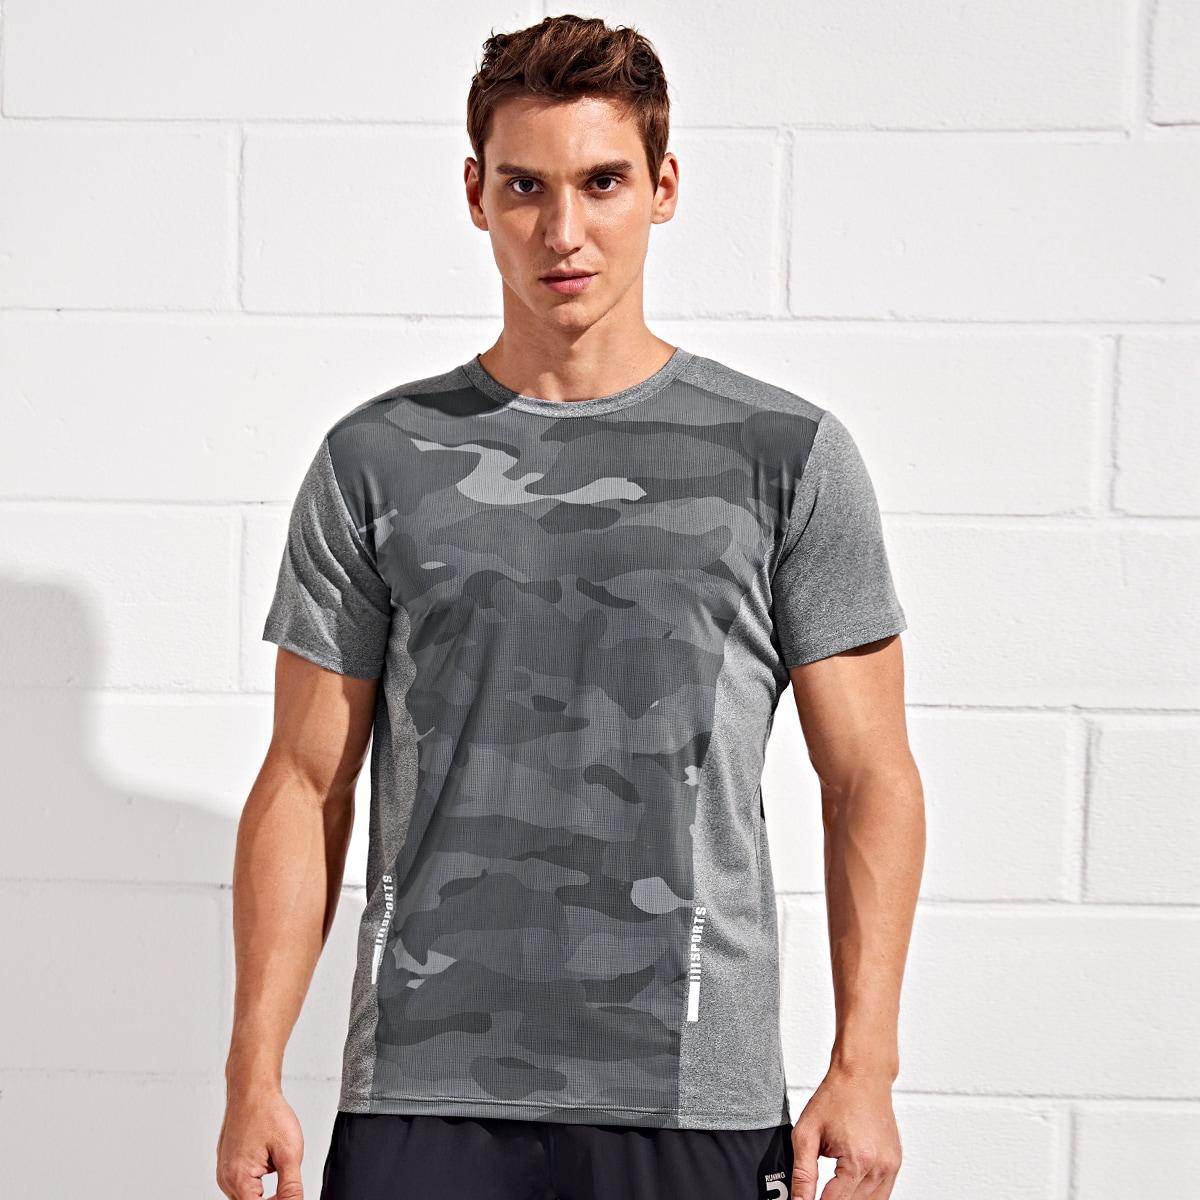 Мужская спортивная футболка с текстовым и камуфляжным